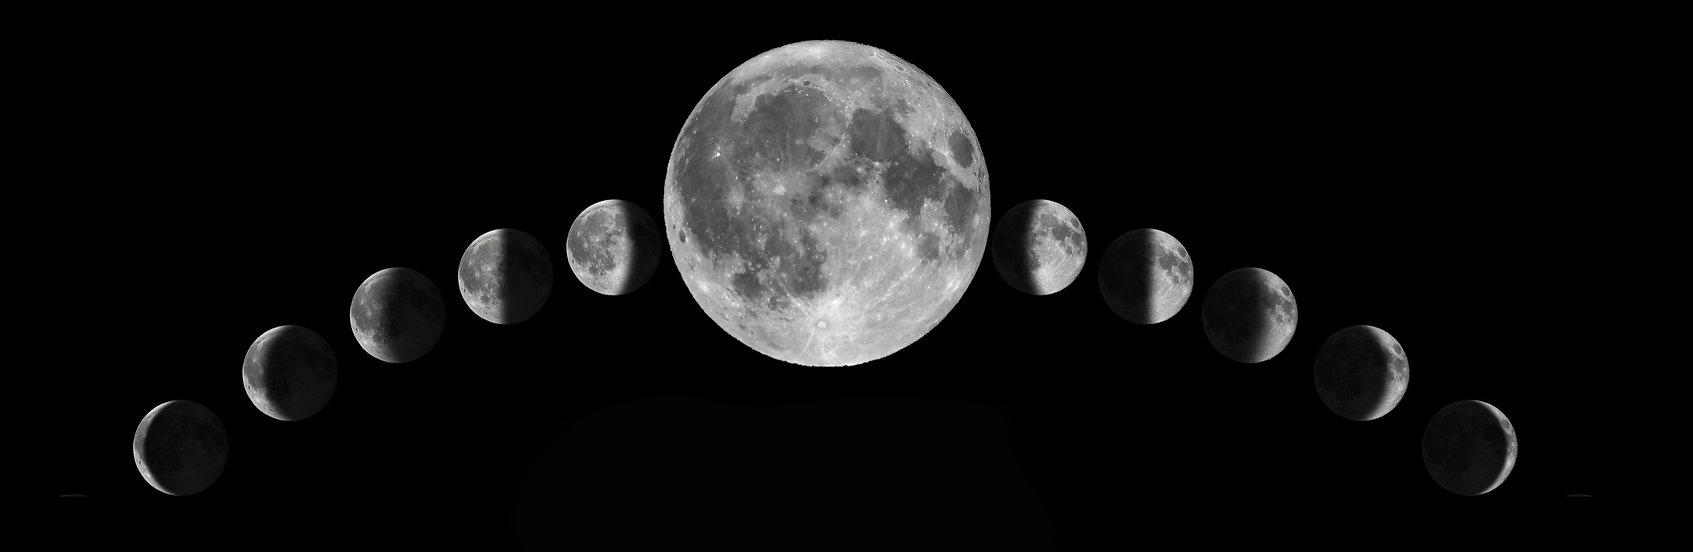 Moonth Website Strip_edited.jpg